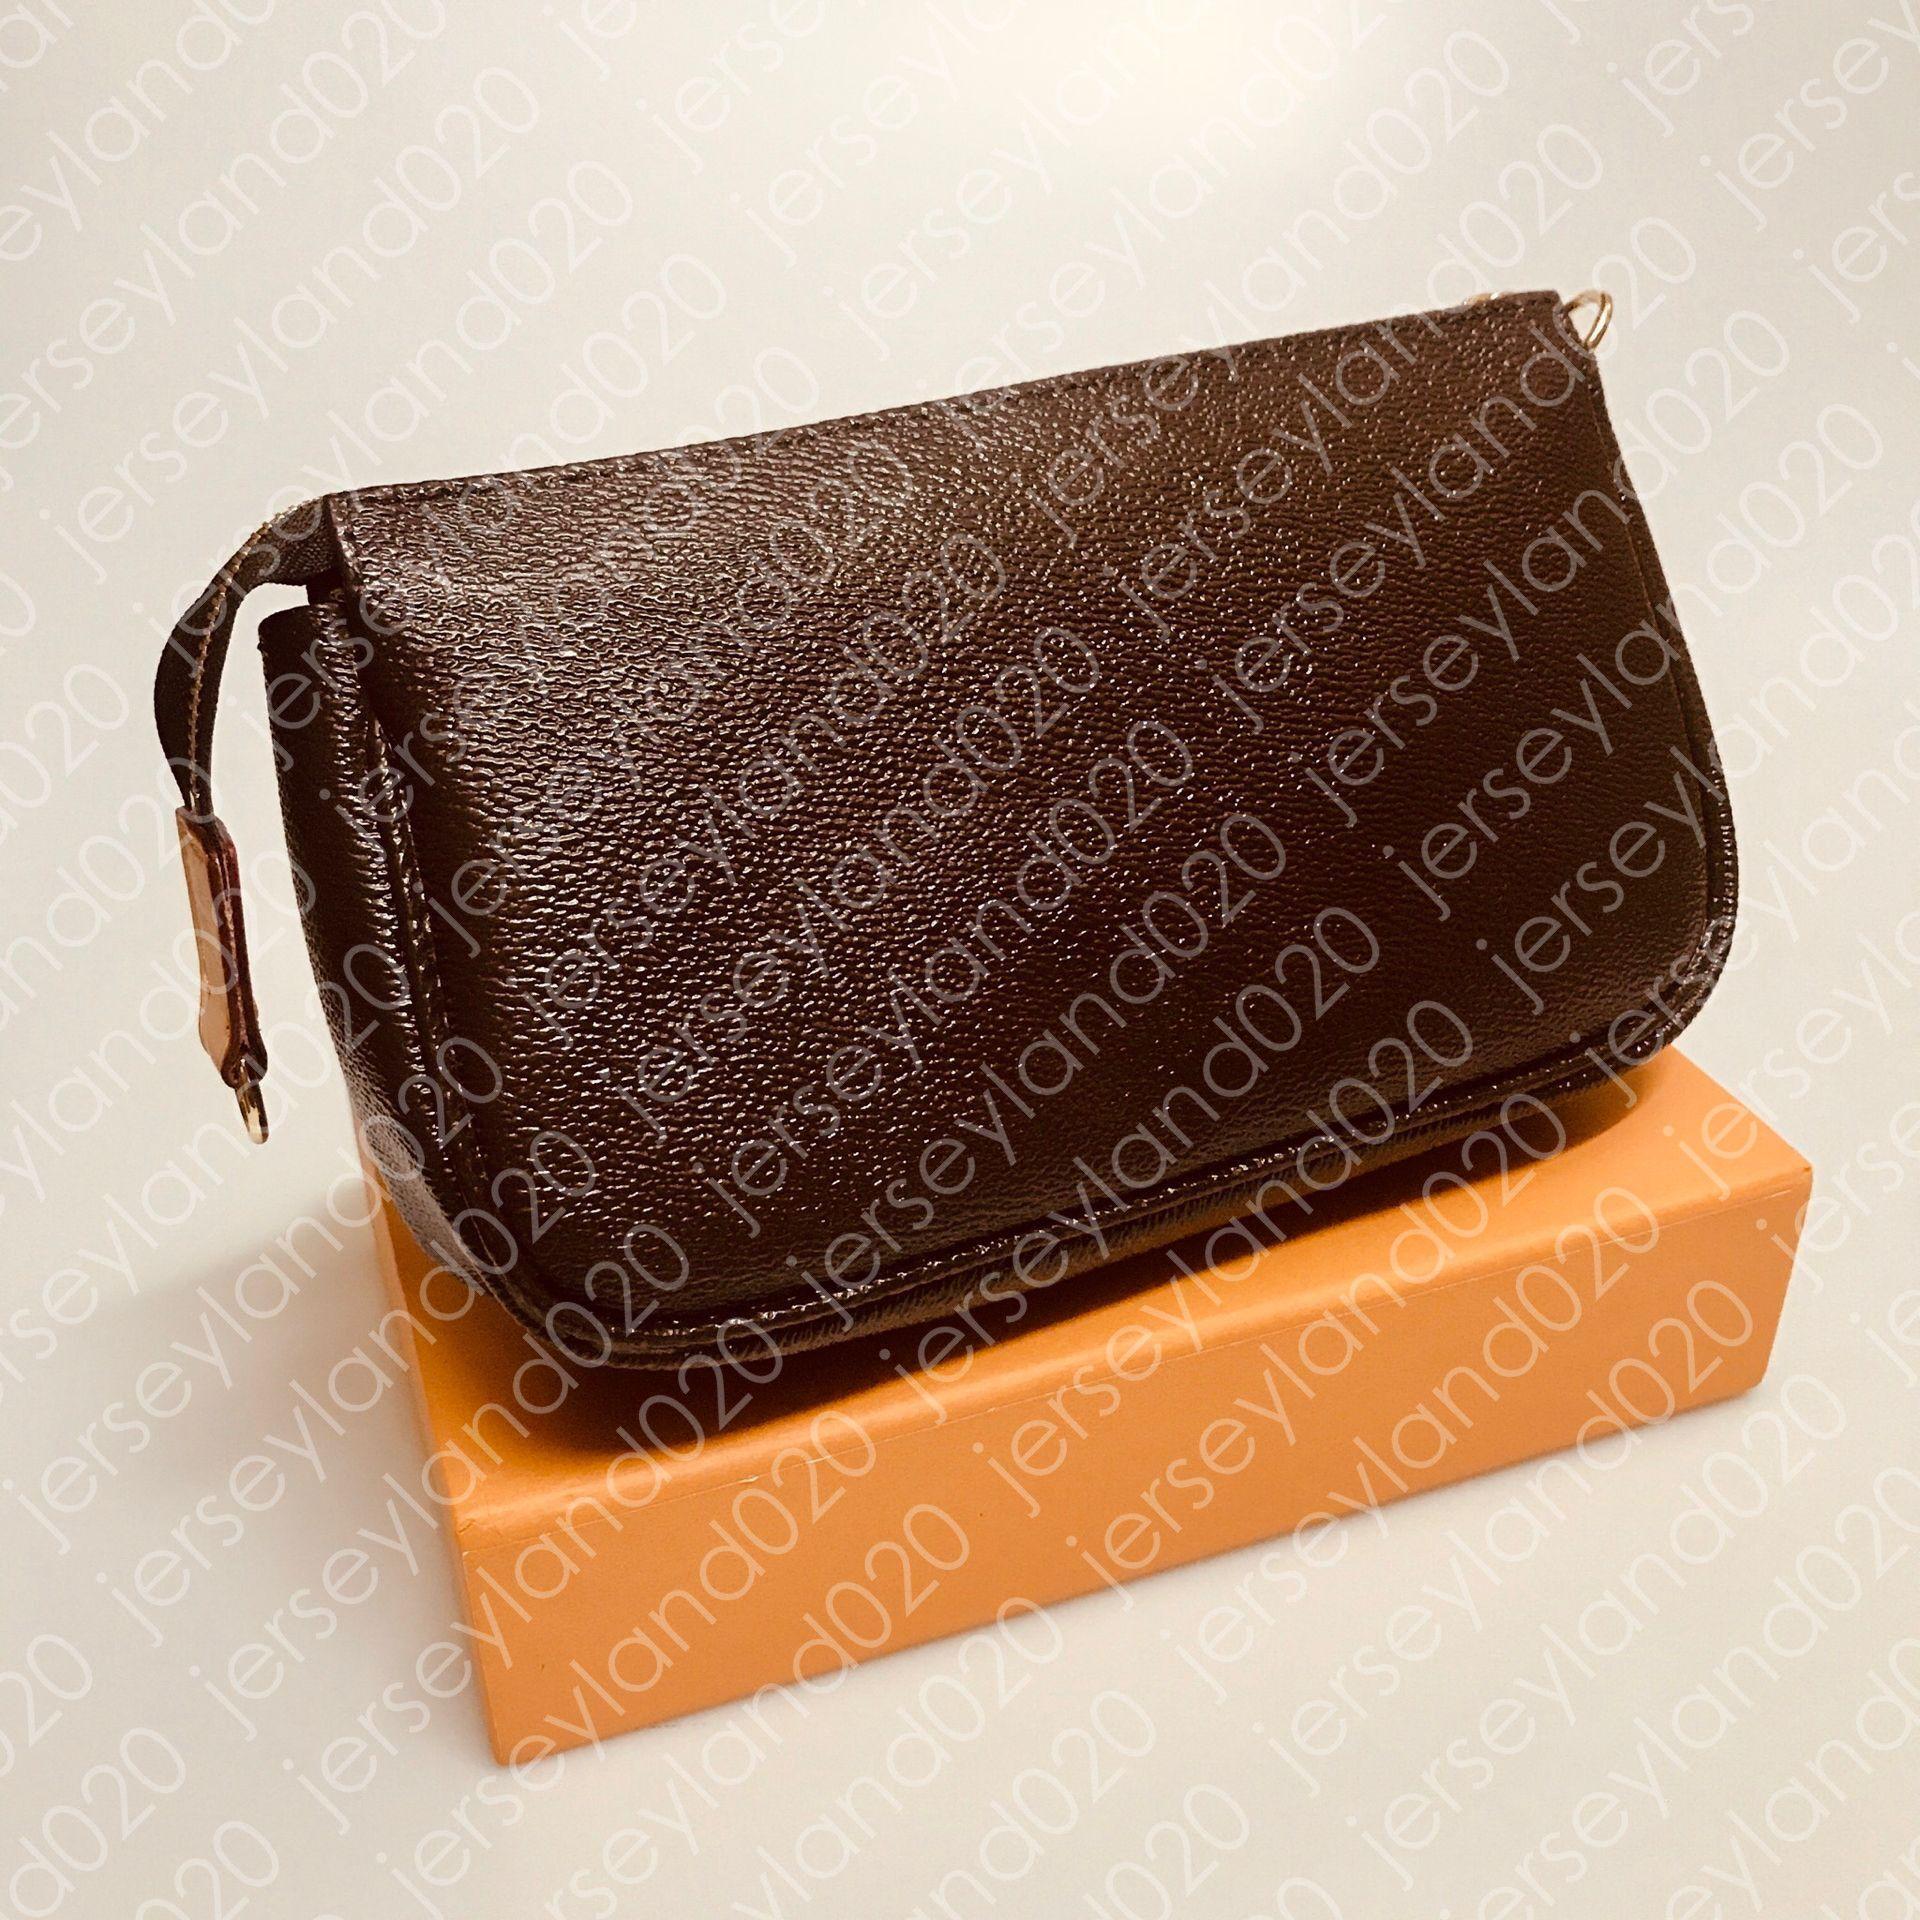 MINI POCHETTE ACCESSOIRES M51980 Donna Designer Fashion Frizione Sera Mini Borsa Borsa Piccola borsa a tracolla di lusso Borsa del telefono Tela